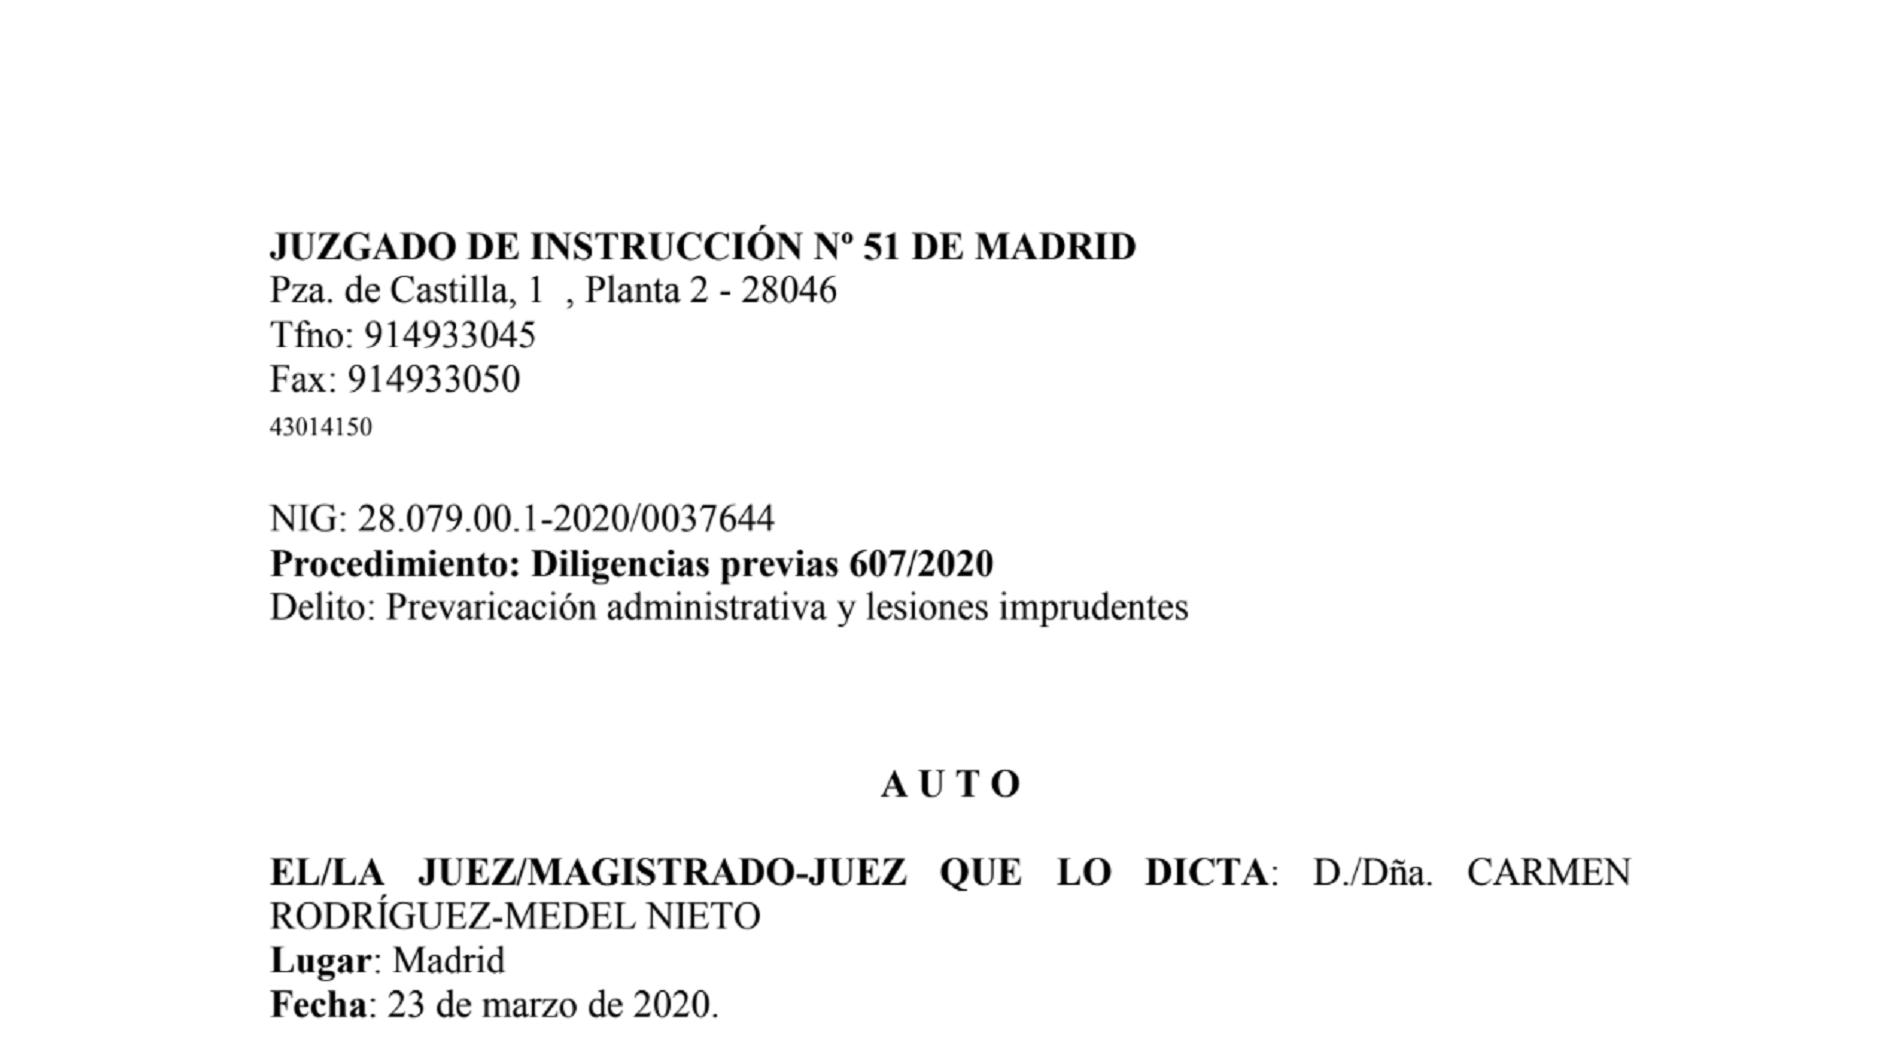 El Juzgado de Instrucción número 51 de Madrid cita como investigado al Delegado de Gobierno de Madrid José Manuel Franco a causa de las celebración de las manifestaciones feministas del 8M